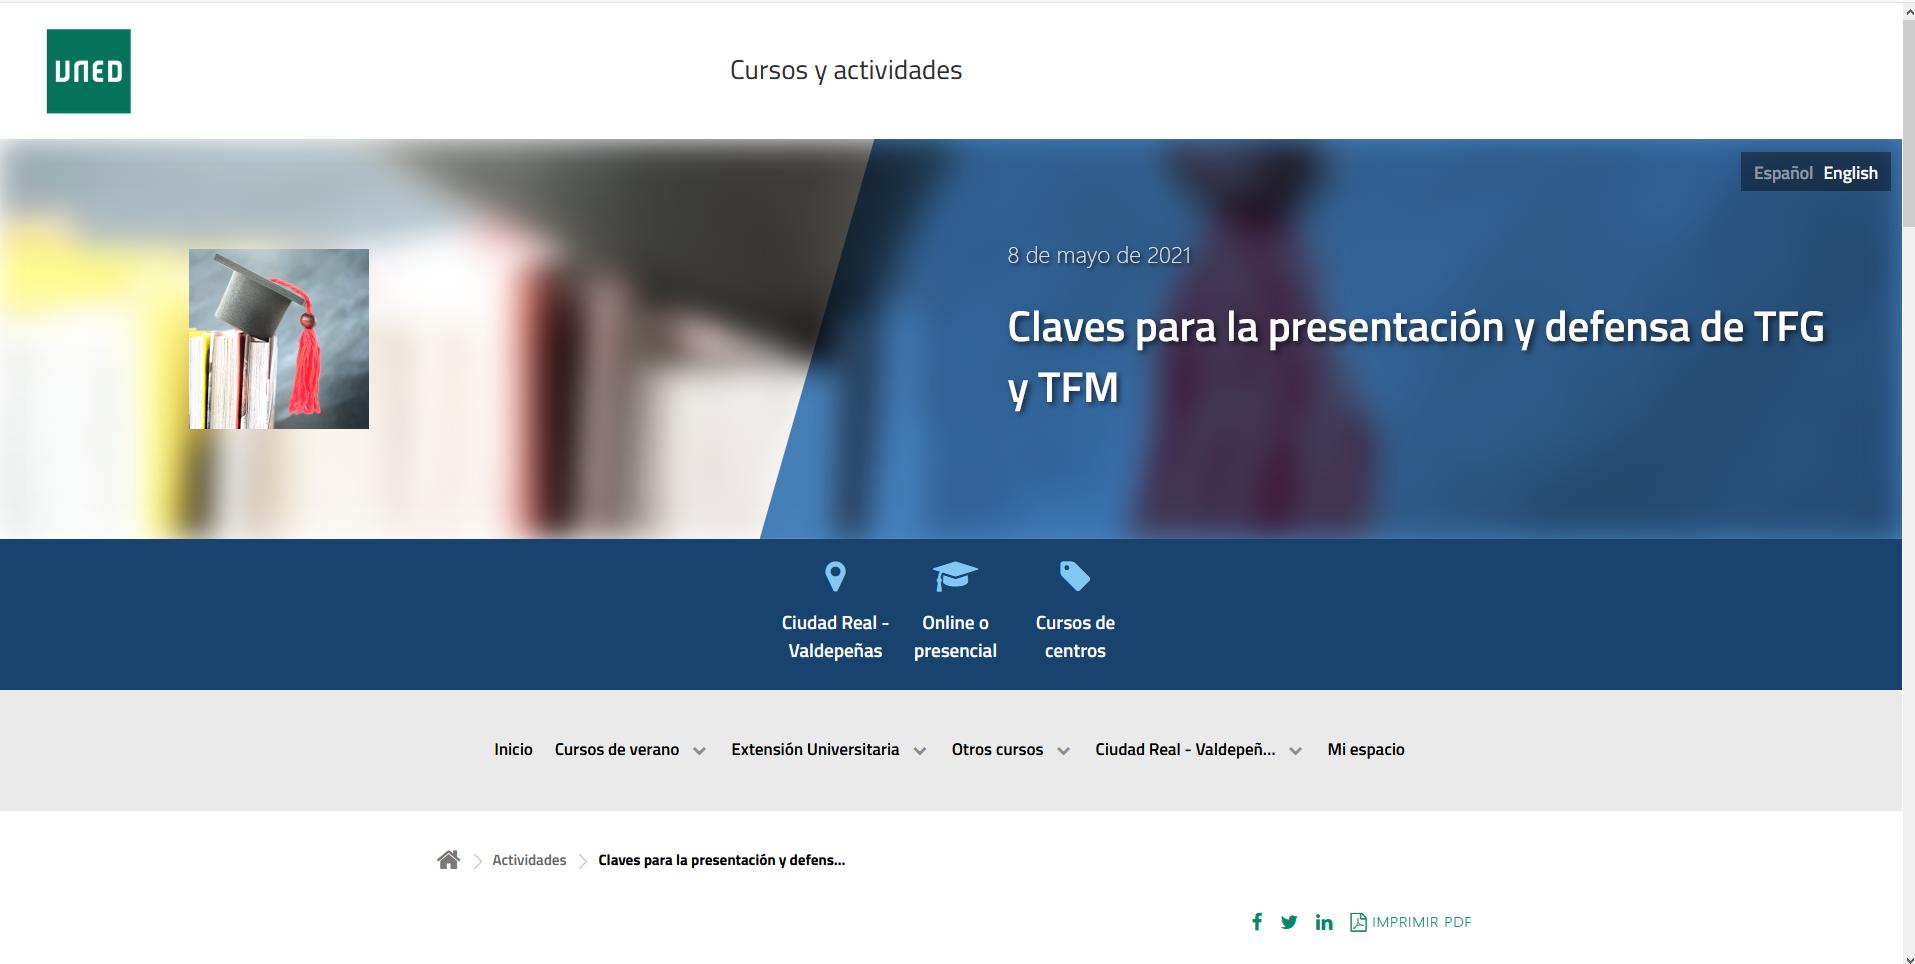 La Uned De Valdepenas Dara Claves Para Presentar Y Defender El Trabajo Fin De Grado Y El Trabajo Fin De Master Lanza Digital Lanza Digital